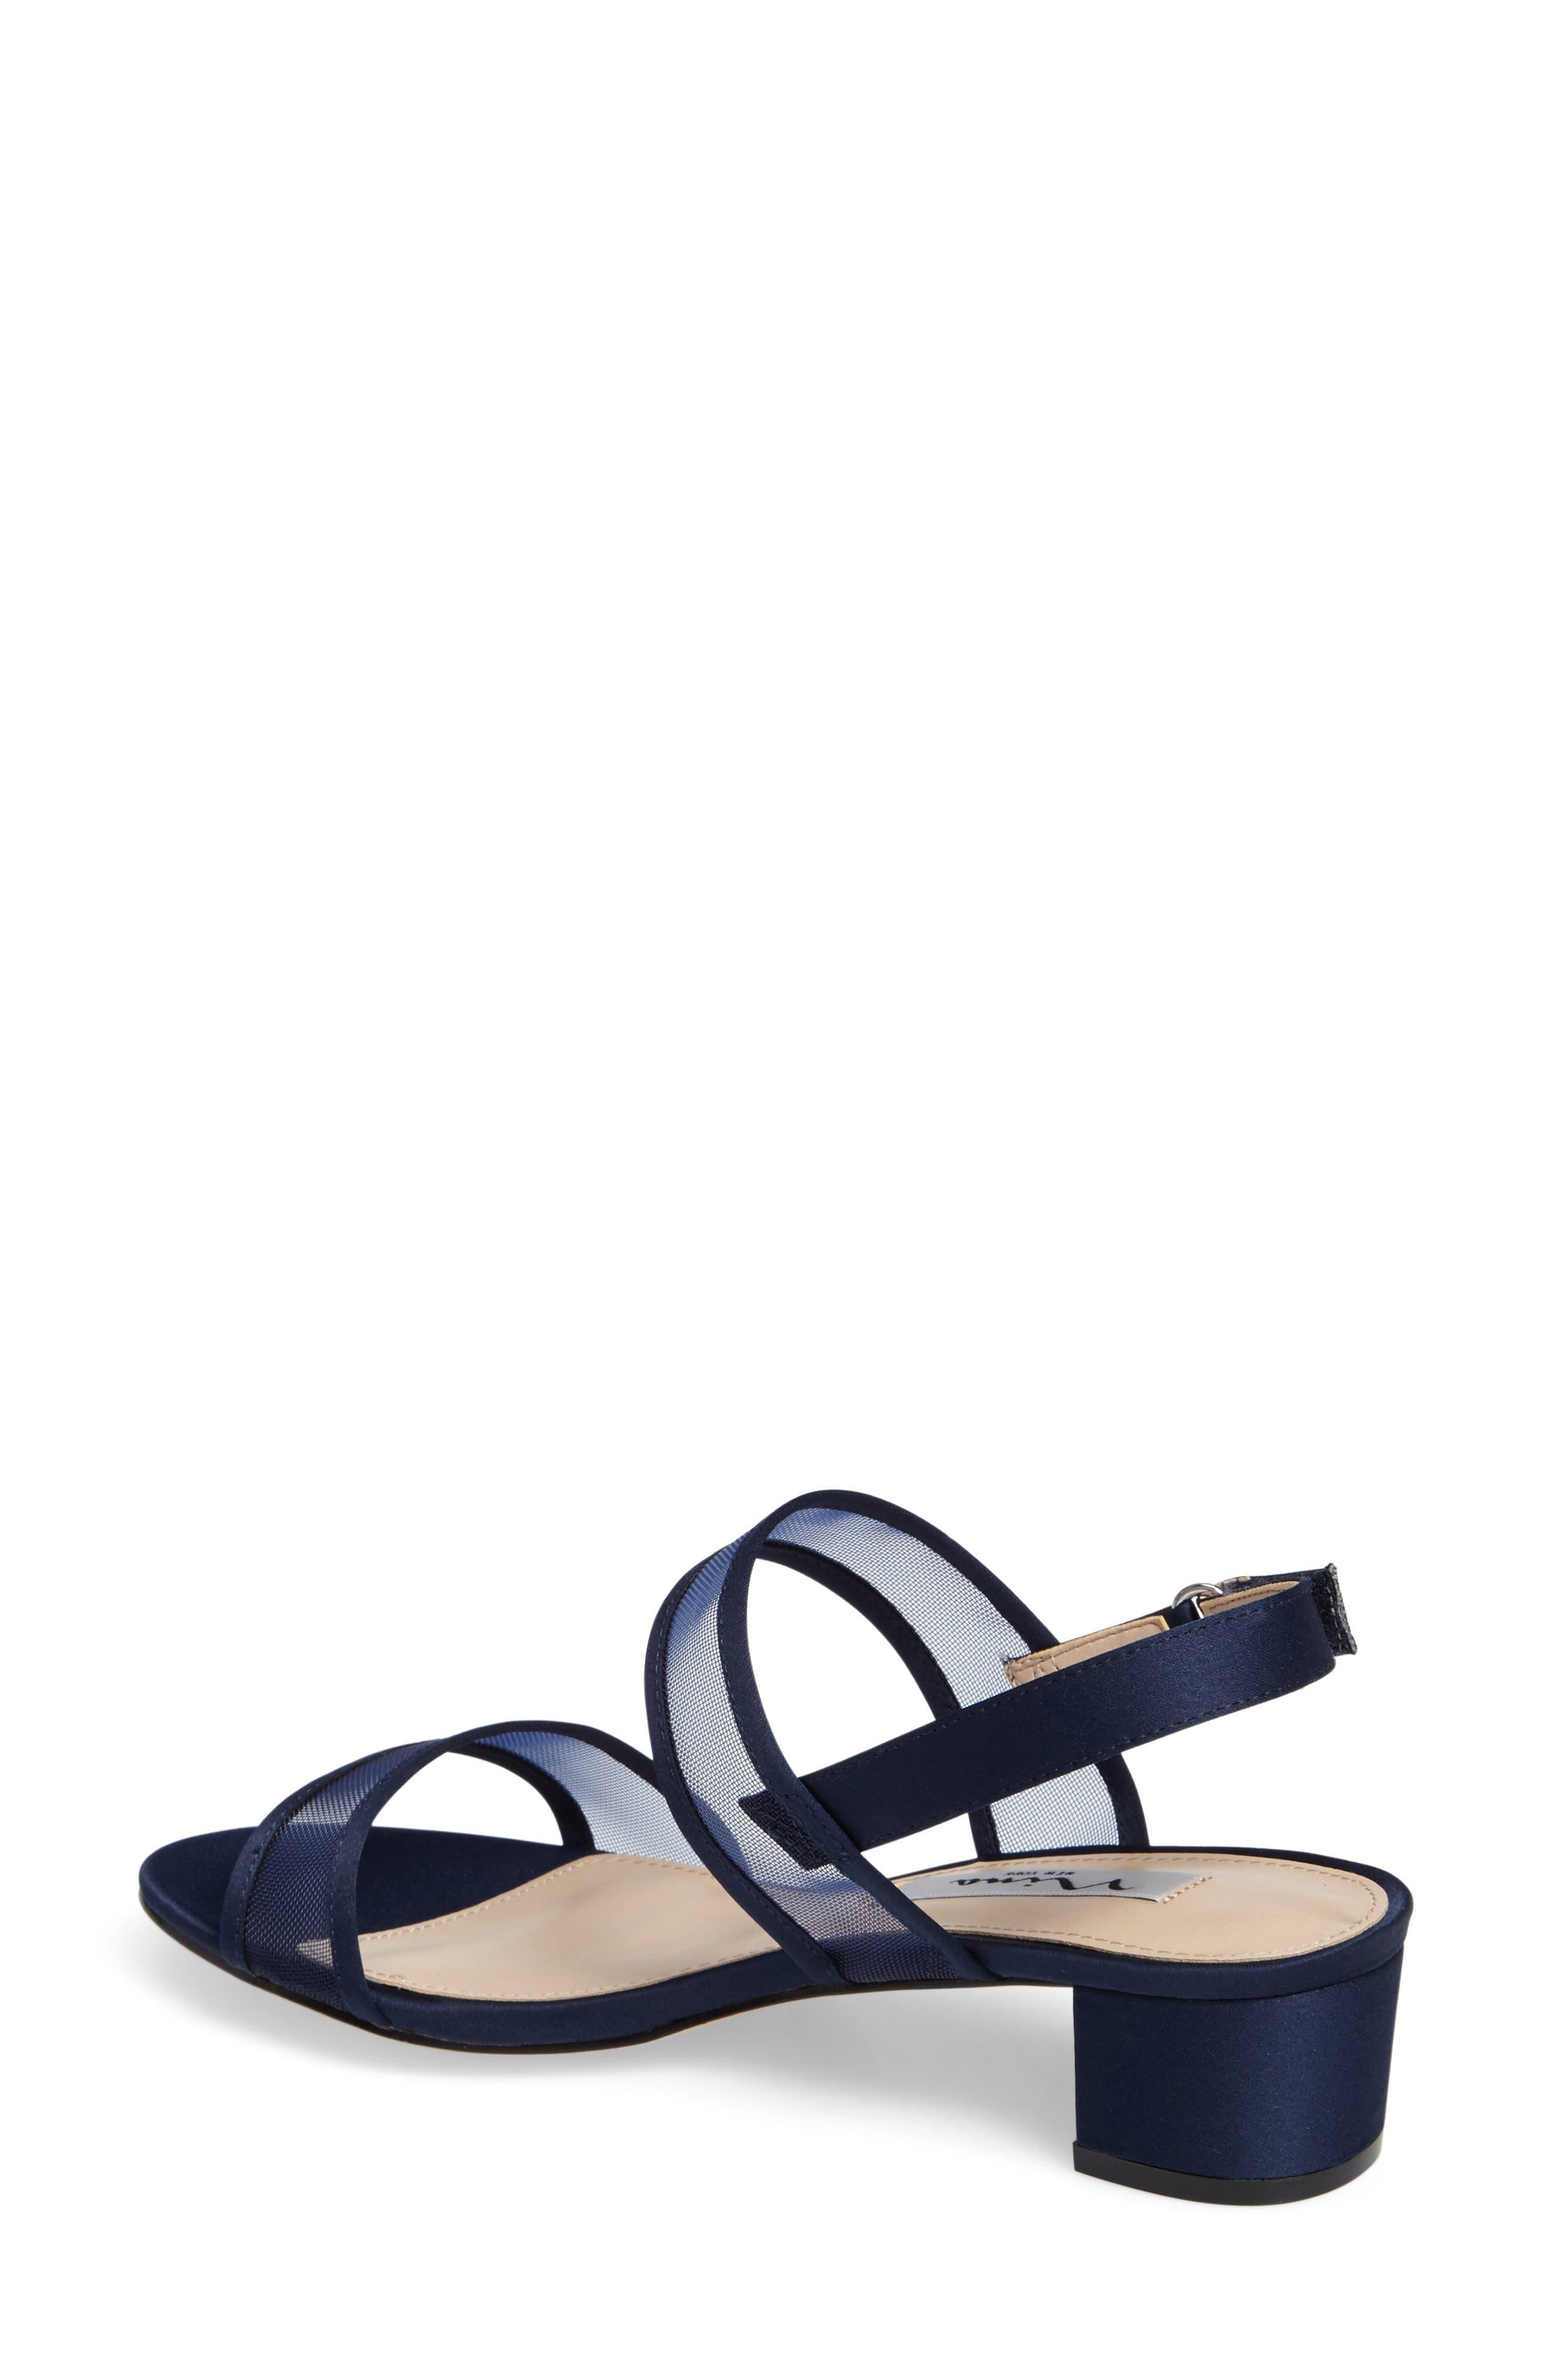 Ganice Mesh Strap Sandal,                             Alternate thumbnail 2, color,                             New Navy Satin